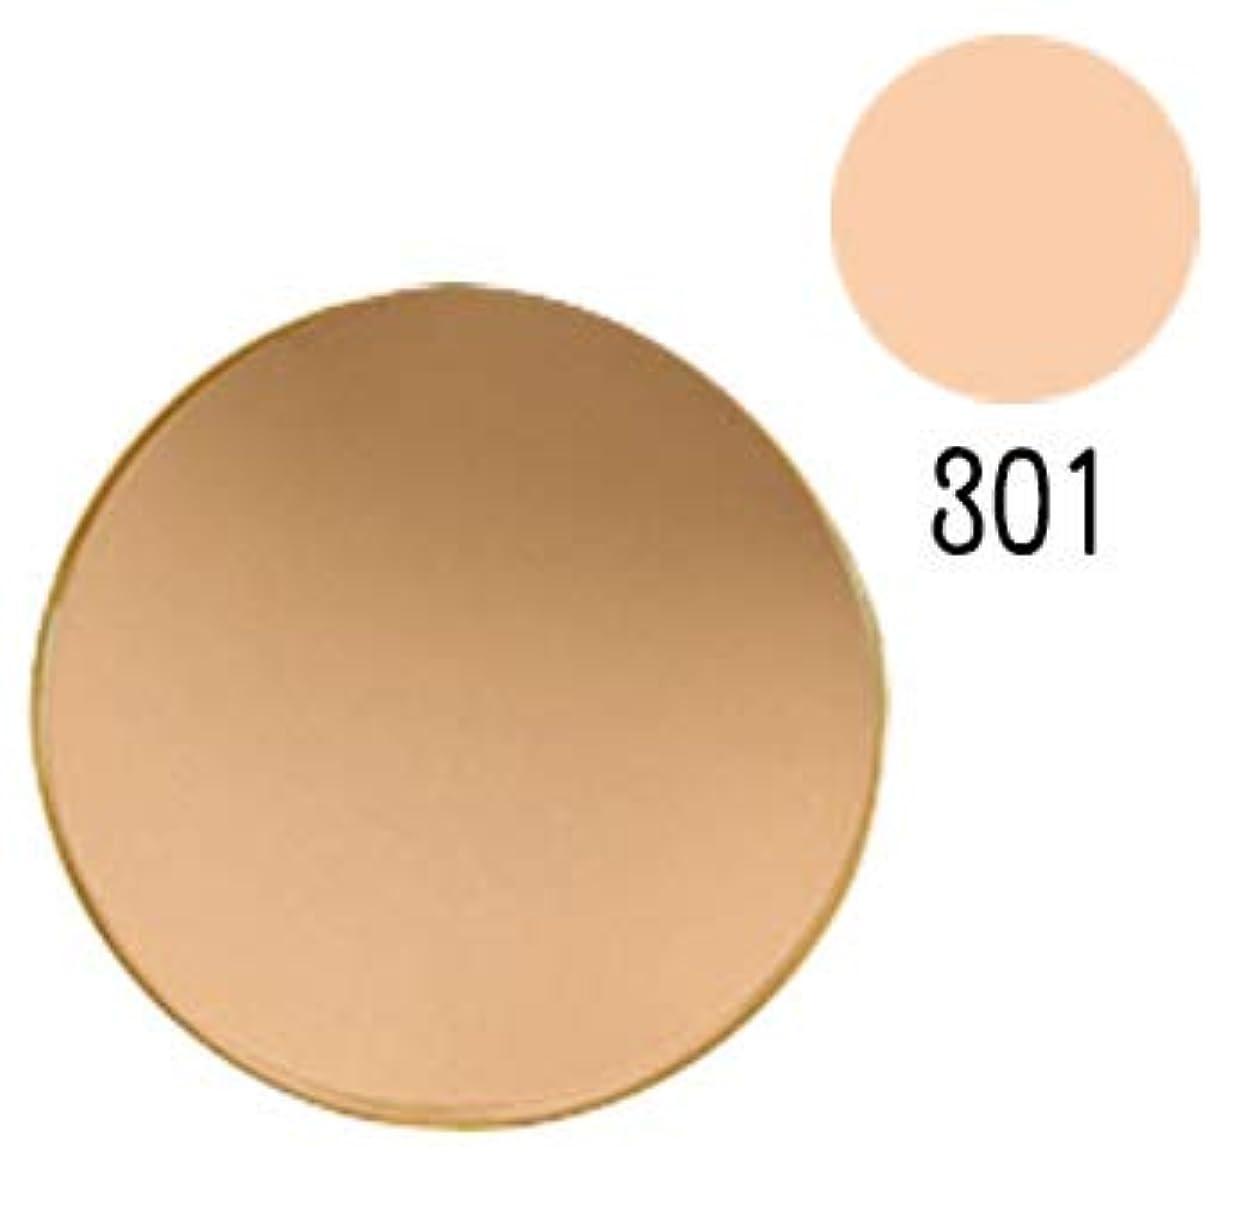 土器ギャップハードリングコスメデコルテ エタニア シュール ファンデーション<301> レフィル SPF15/PA++